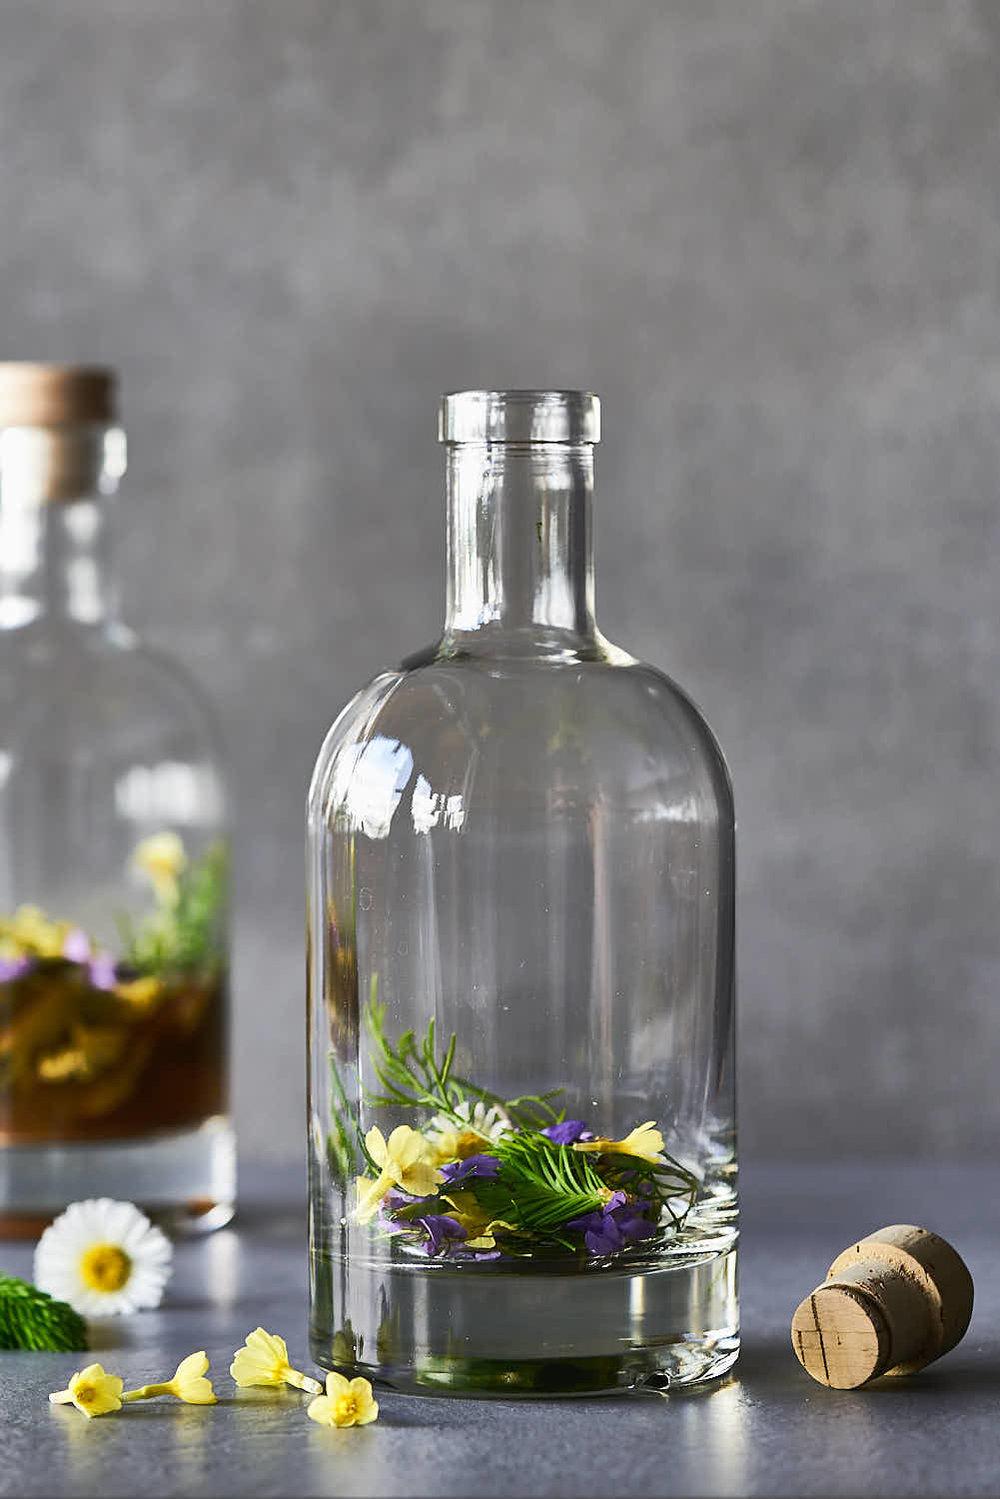 Sauerhonig, auch Oxymel genannt mit Frühlingspflanzen